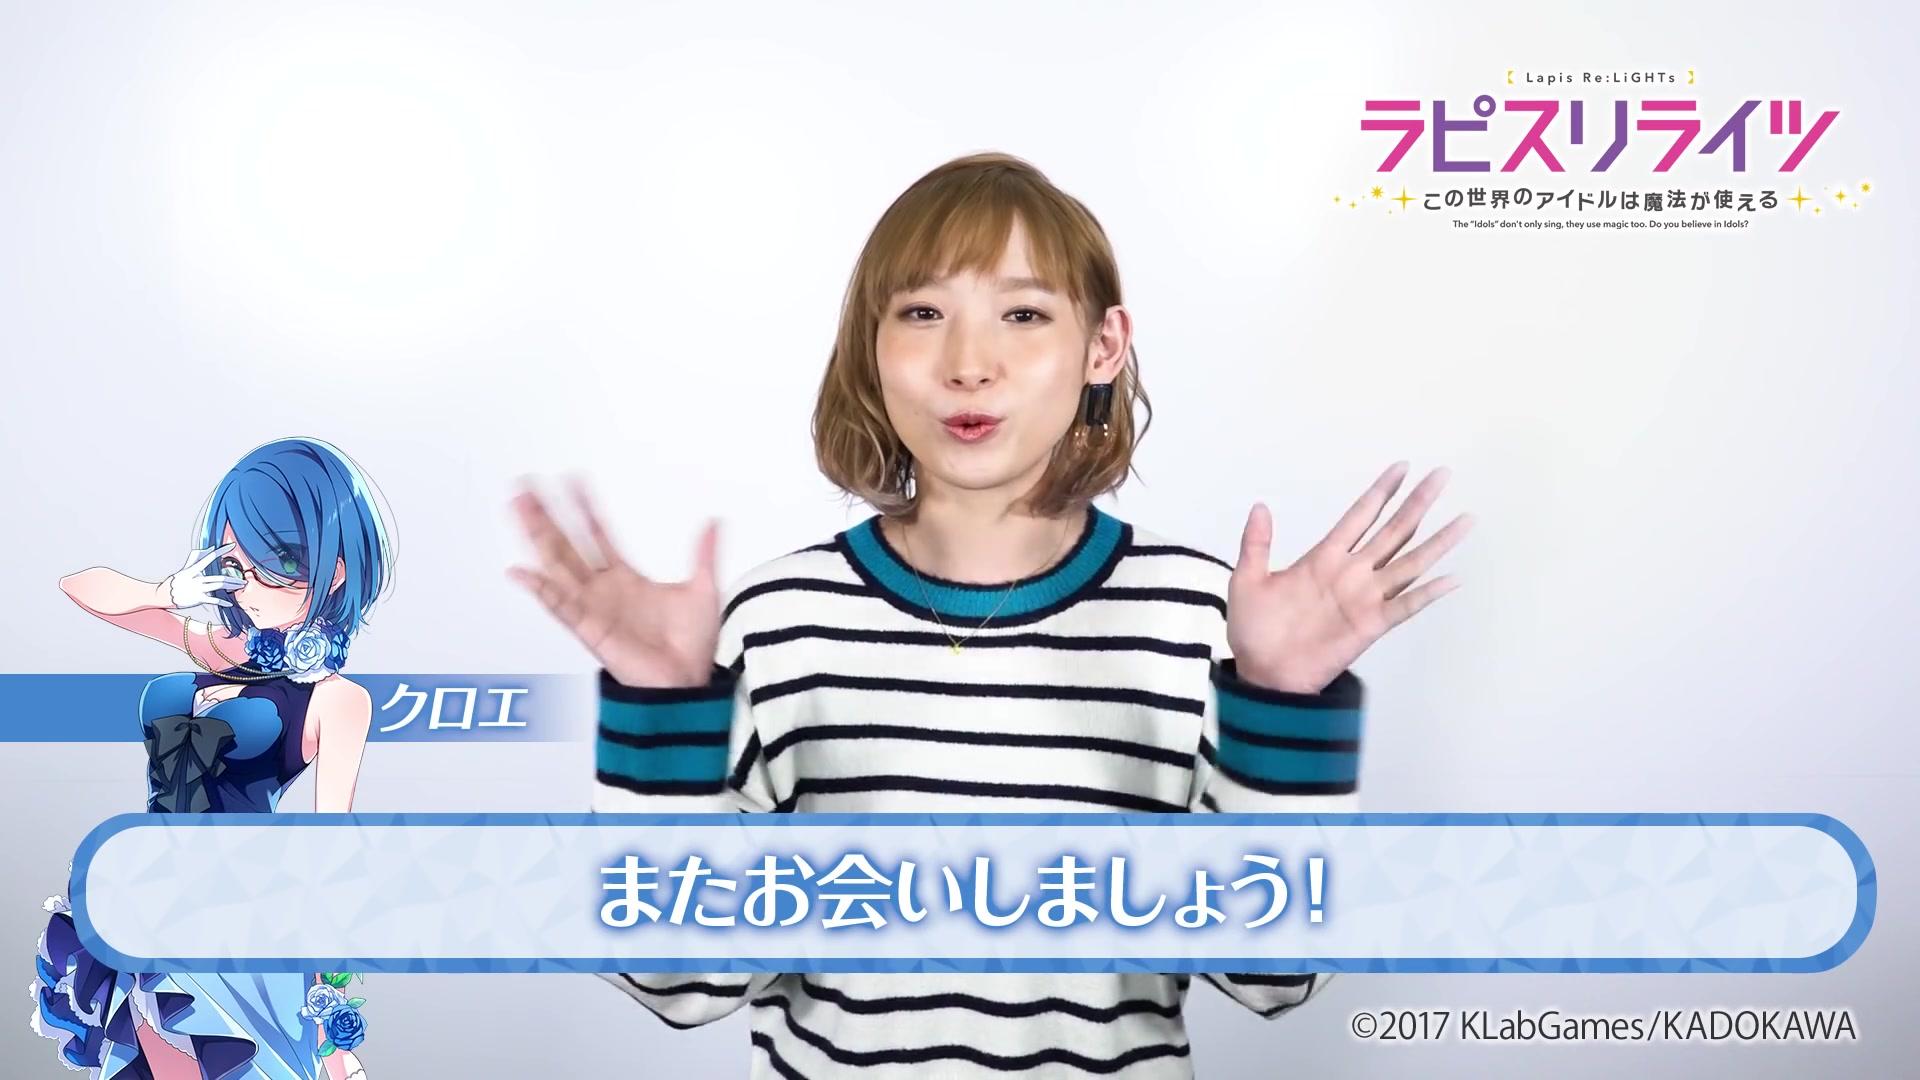 生肉 Animejapan 2019 南條愛乃出演預告 1080p 52donghua Net